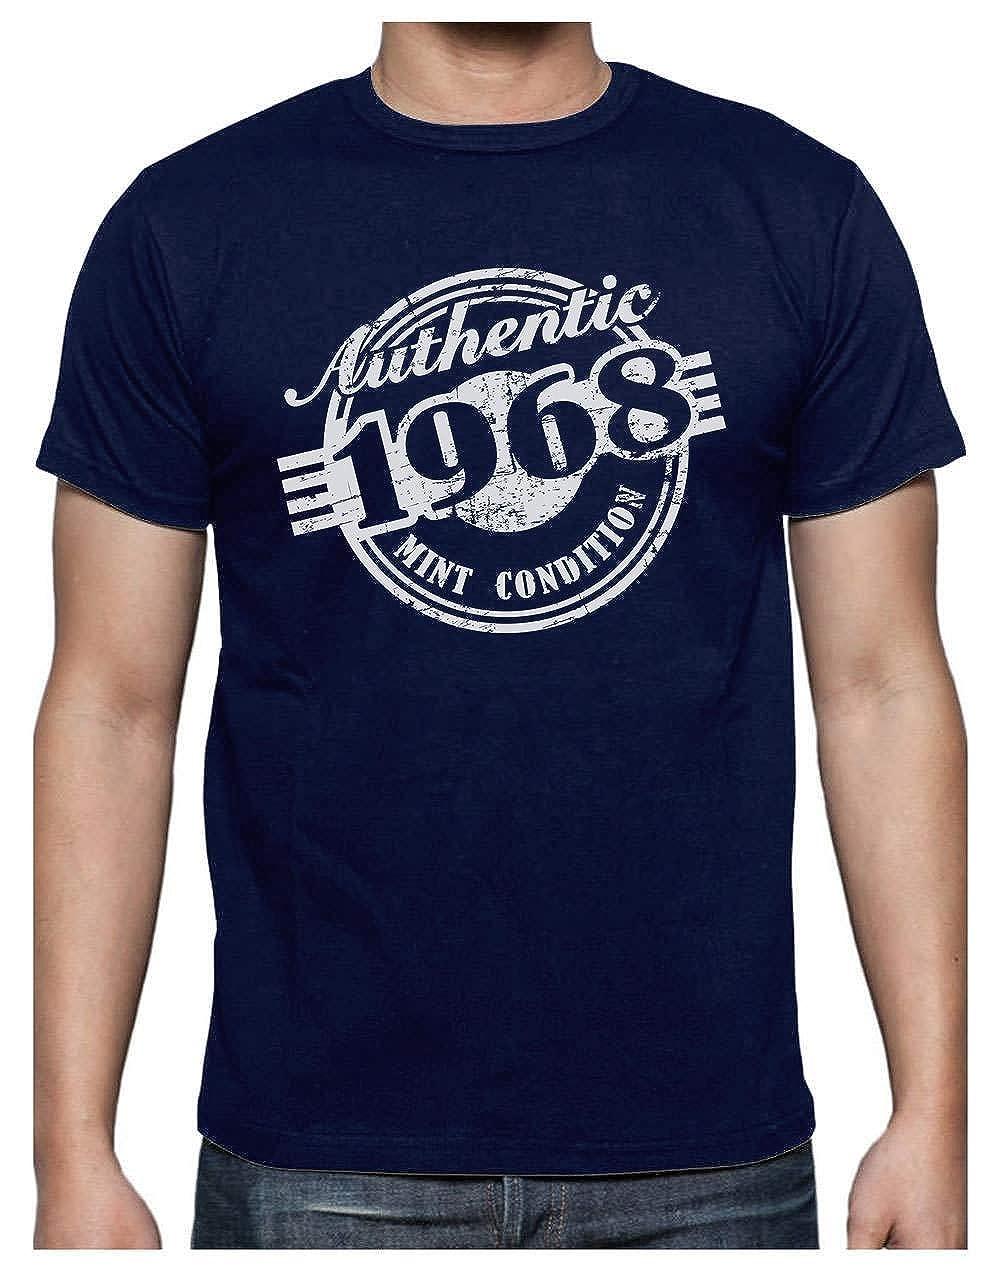 Green Turtle T-Shirts Camiseta para Hombre - Regalo Original de Cumpleaños para Celebrar los 50 Años de Edad